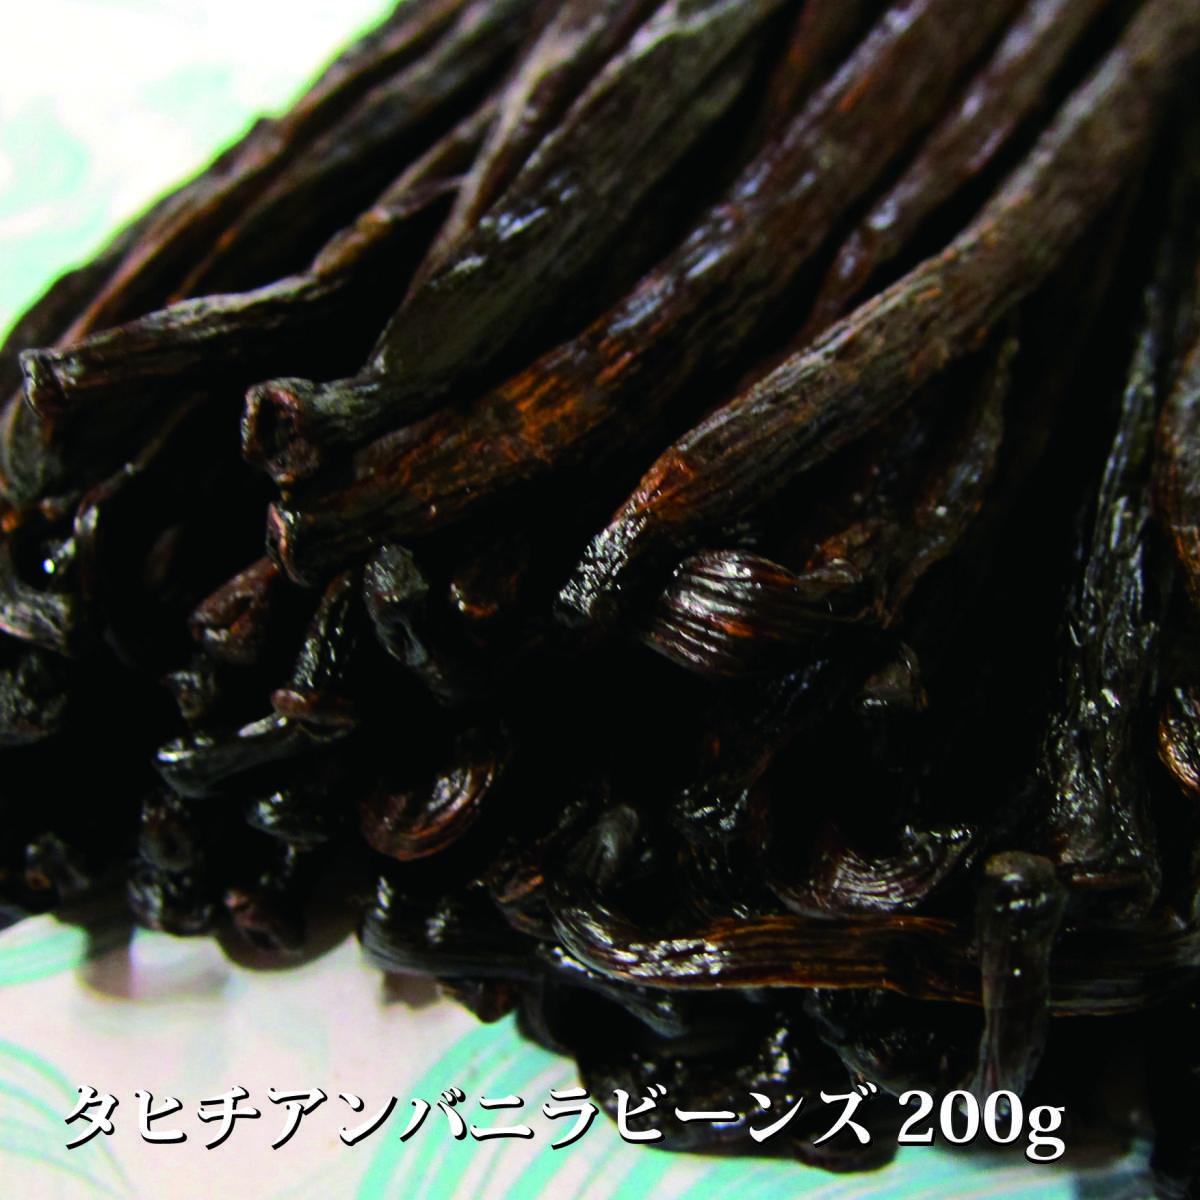 【お買得!お菓子づくりに】タヒチバニラビーンズ200g / 約90-100本_画像4